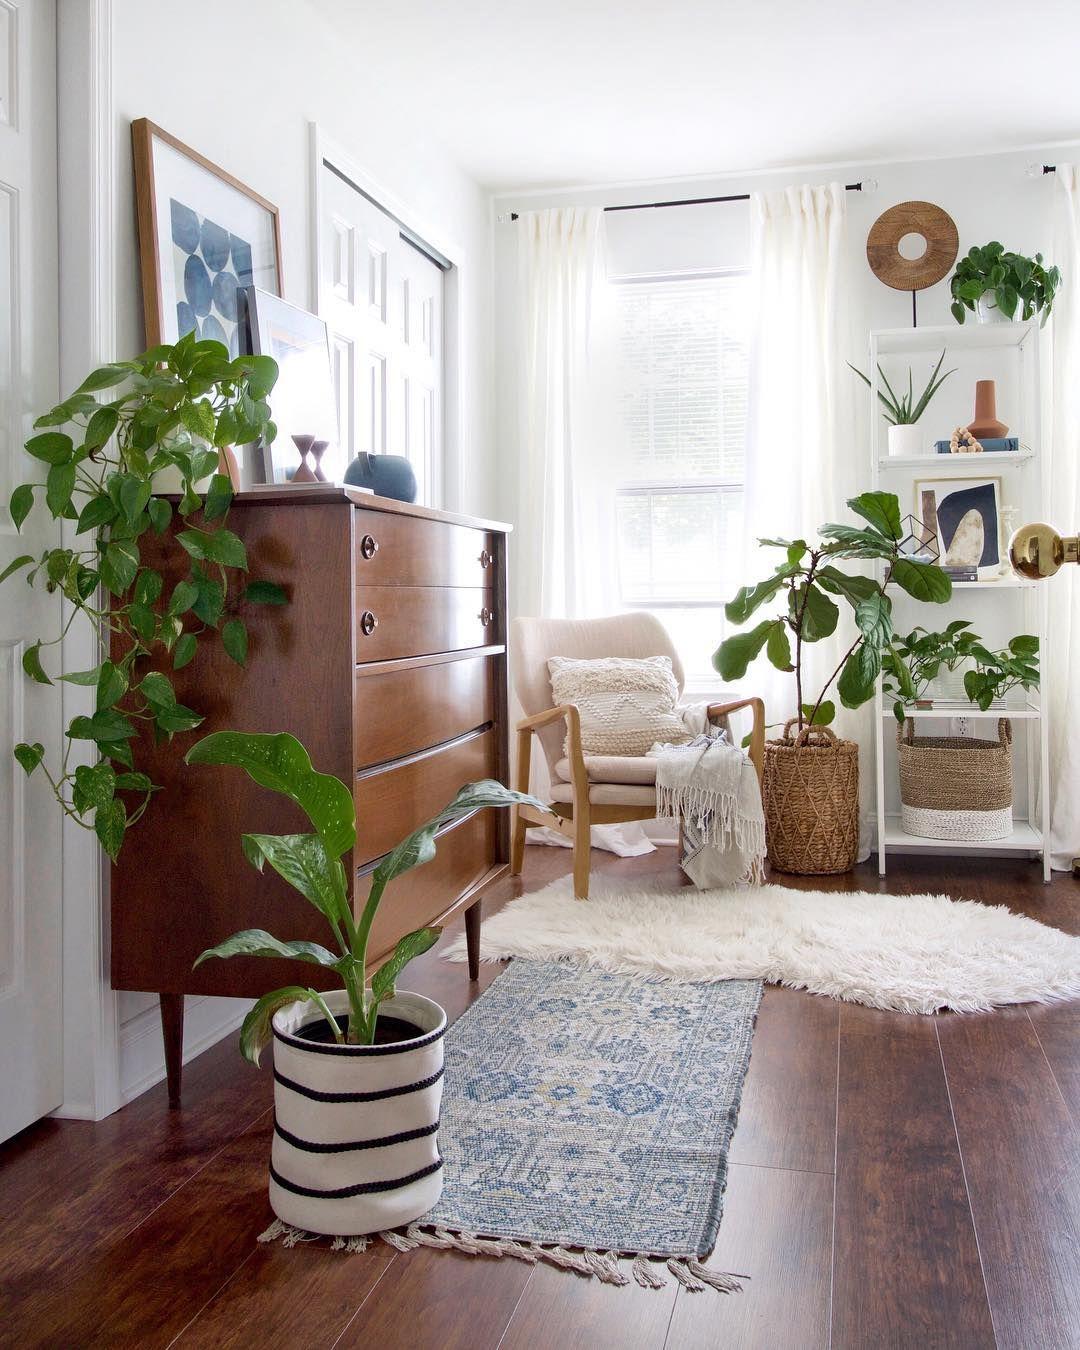 Home homeinspo also inspo in pinterest decor rh